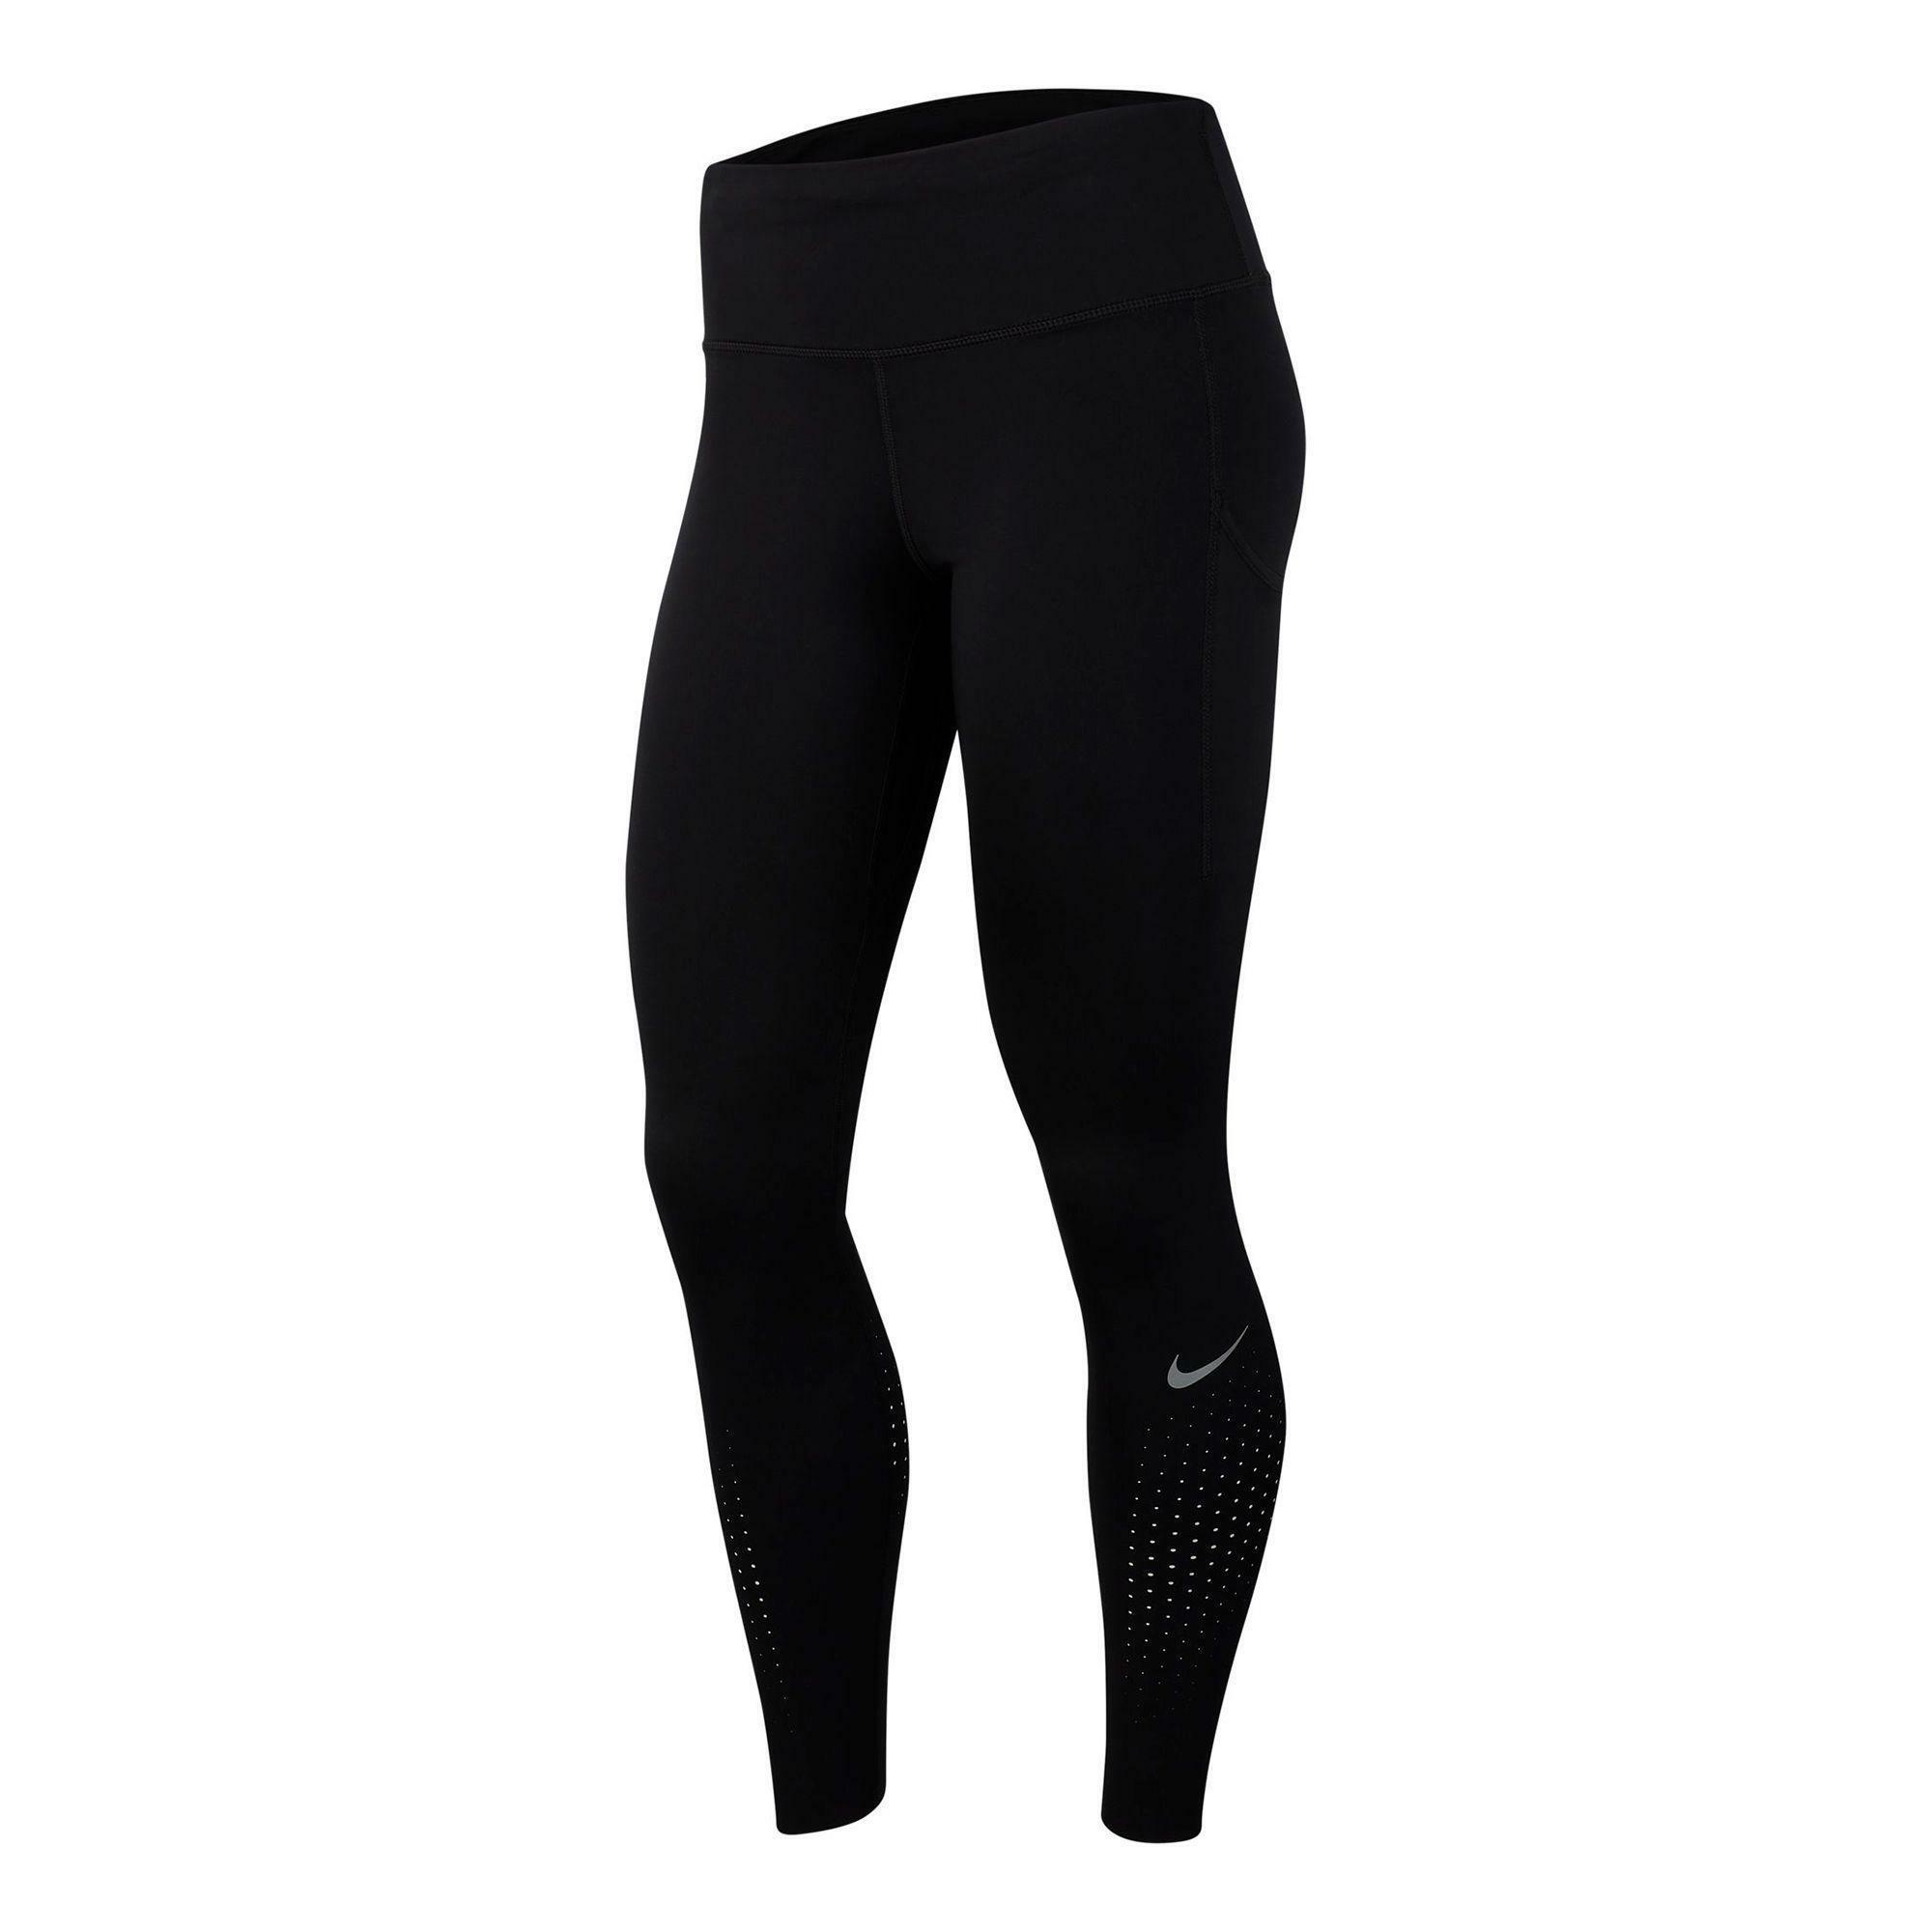 nike nike leggings cn8041 010 pantaloni sportivi donna